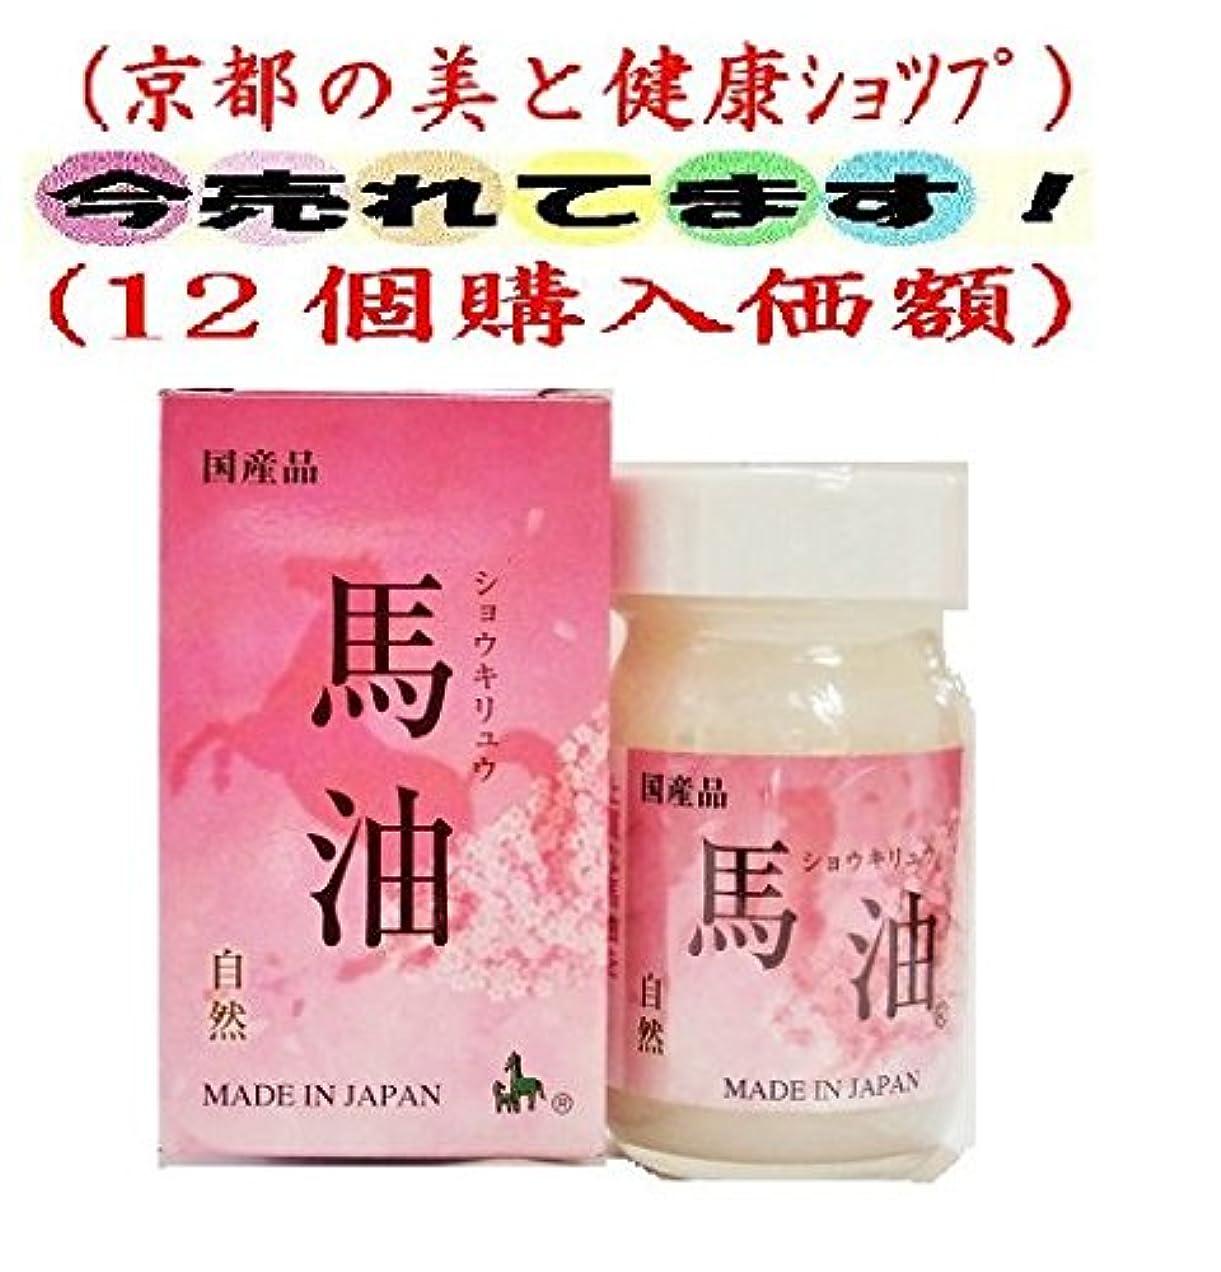 古くなった上げるパフショウキリュウ 馬油 自然 70ml (桜 ピンク化粧箱 12個購入価額)